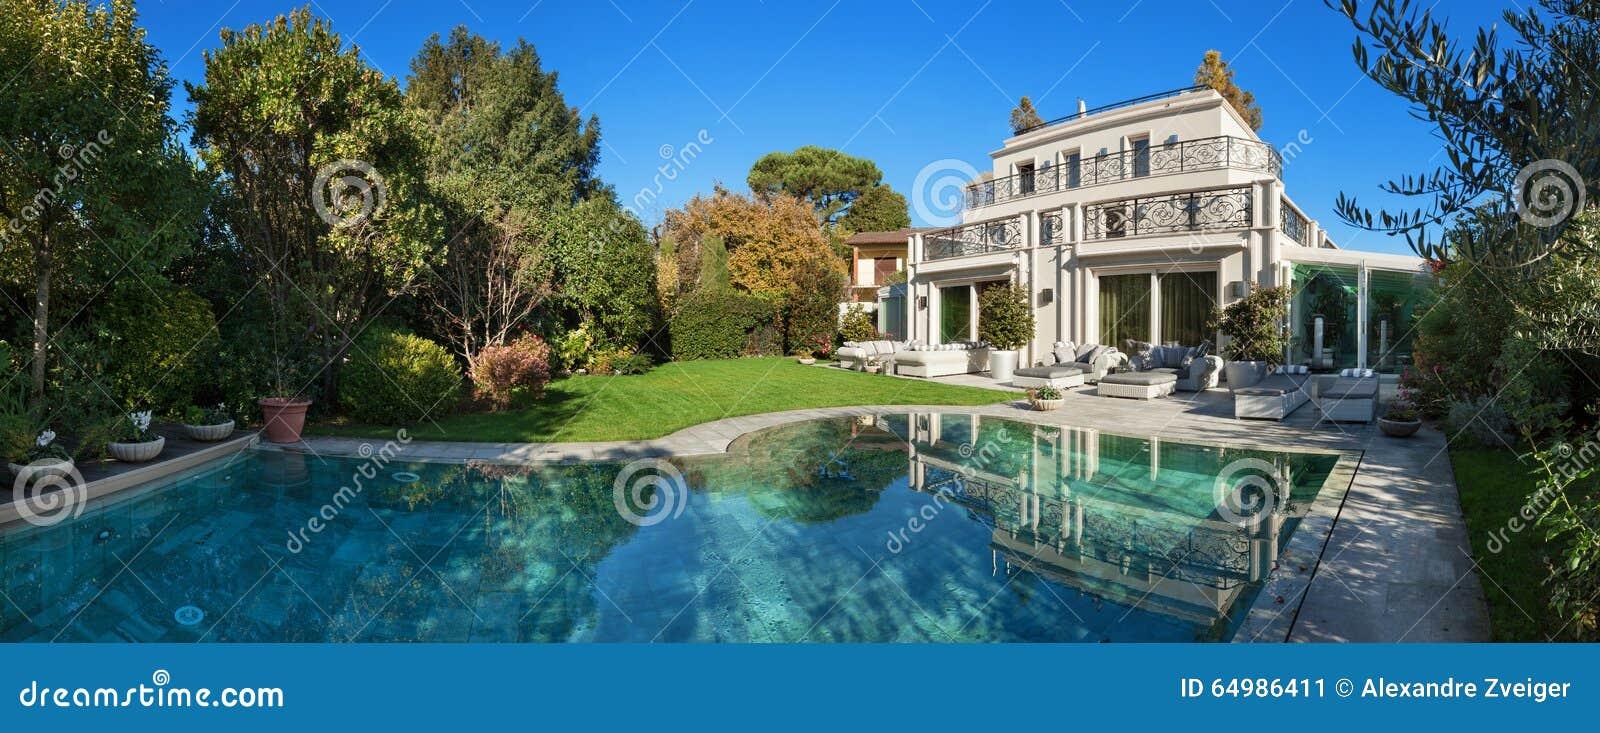 Mooi huis met pool stock foto afbeelding 64986411 - Mooi huis ...